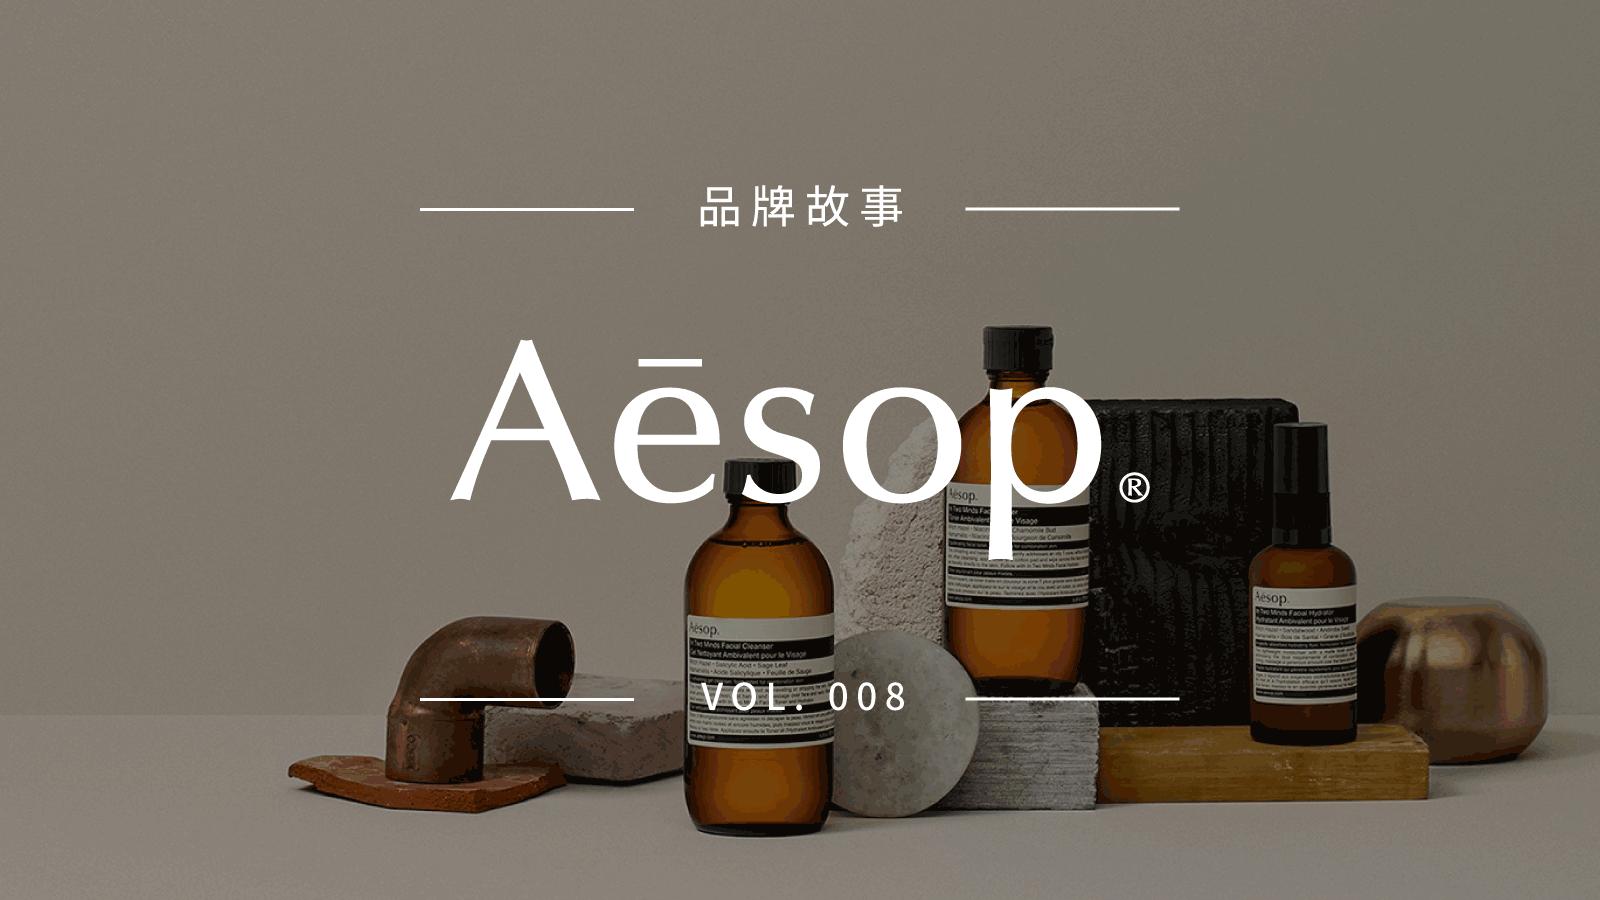 门店设计从不重复,Aesop 如何打造独特的美学风格?   品牌故事